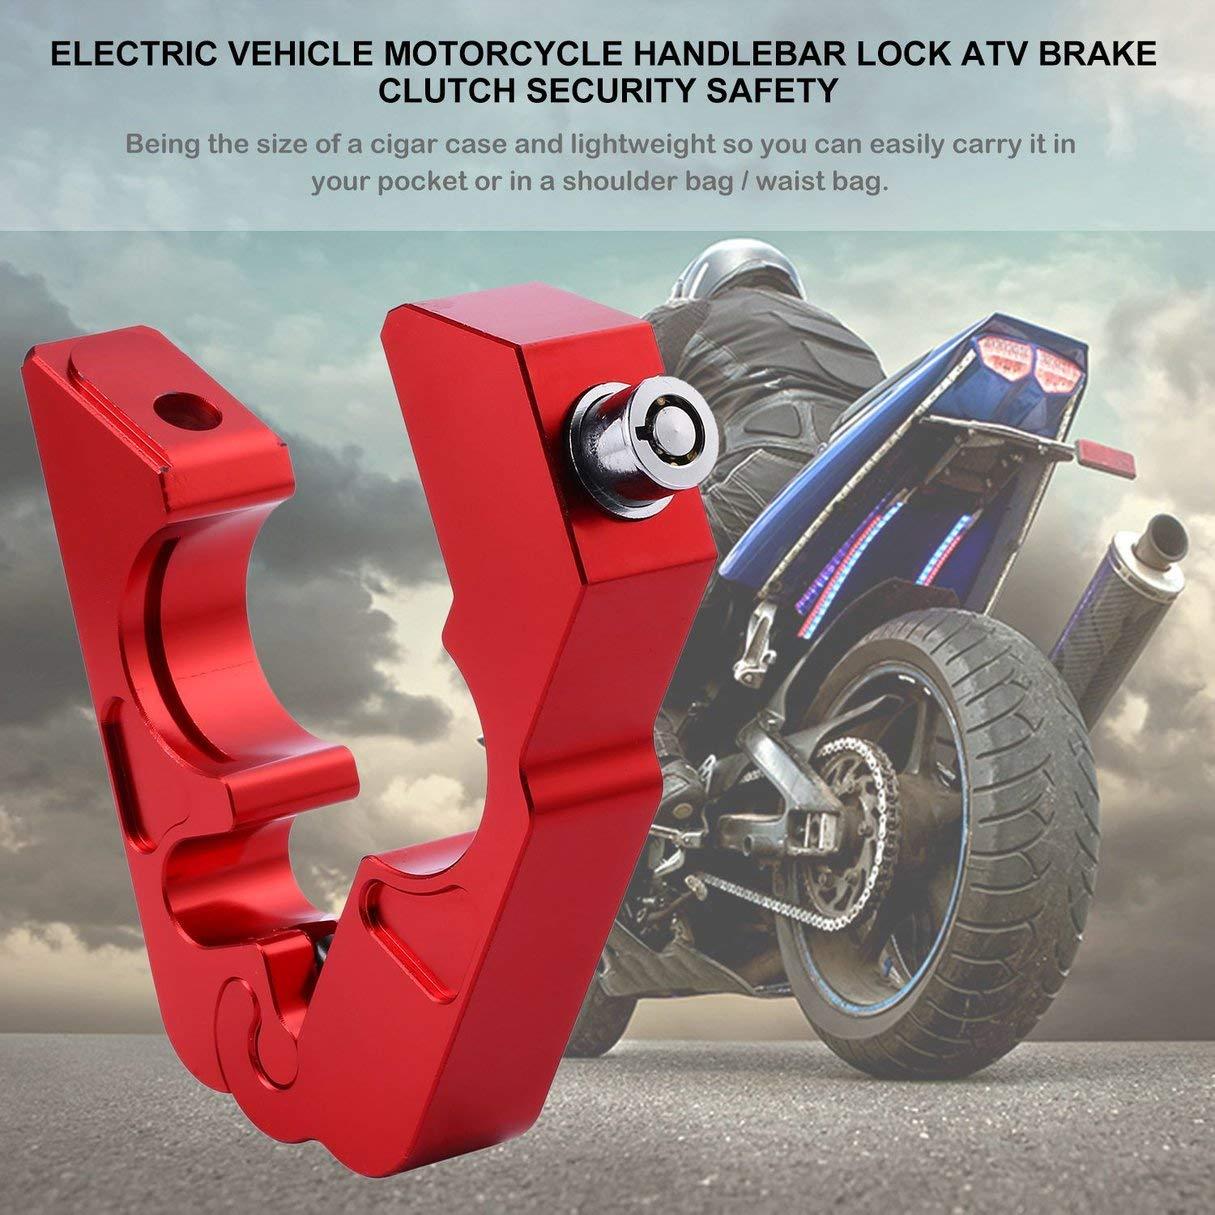 Vehículo eléctrico moto scooter cerrojo manillar de bicicleta montaña freno embrague seguridad accesorios de seguridad cerrojo de protección antirrobo: ...